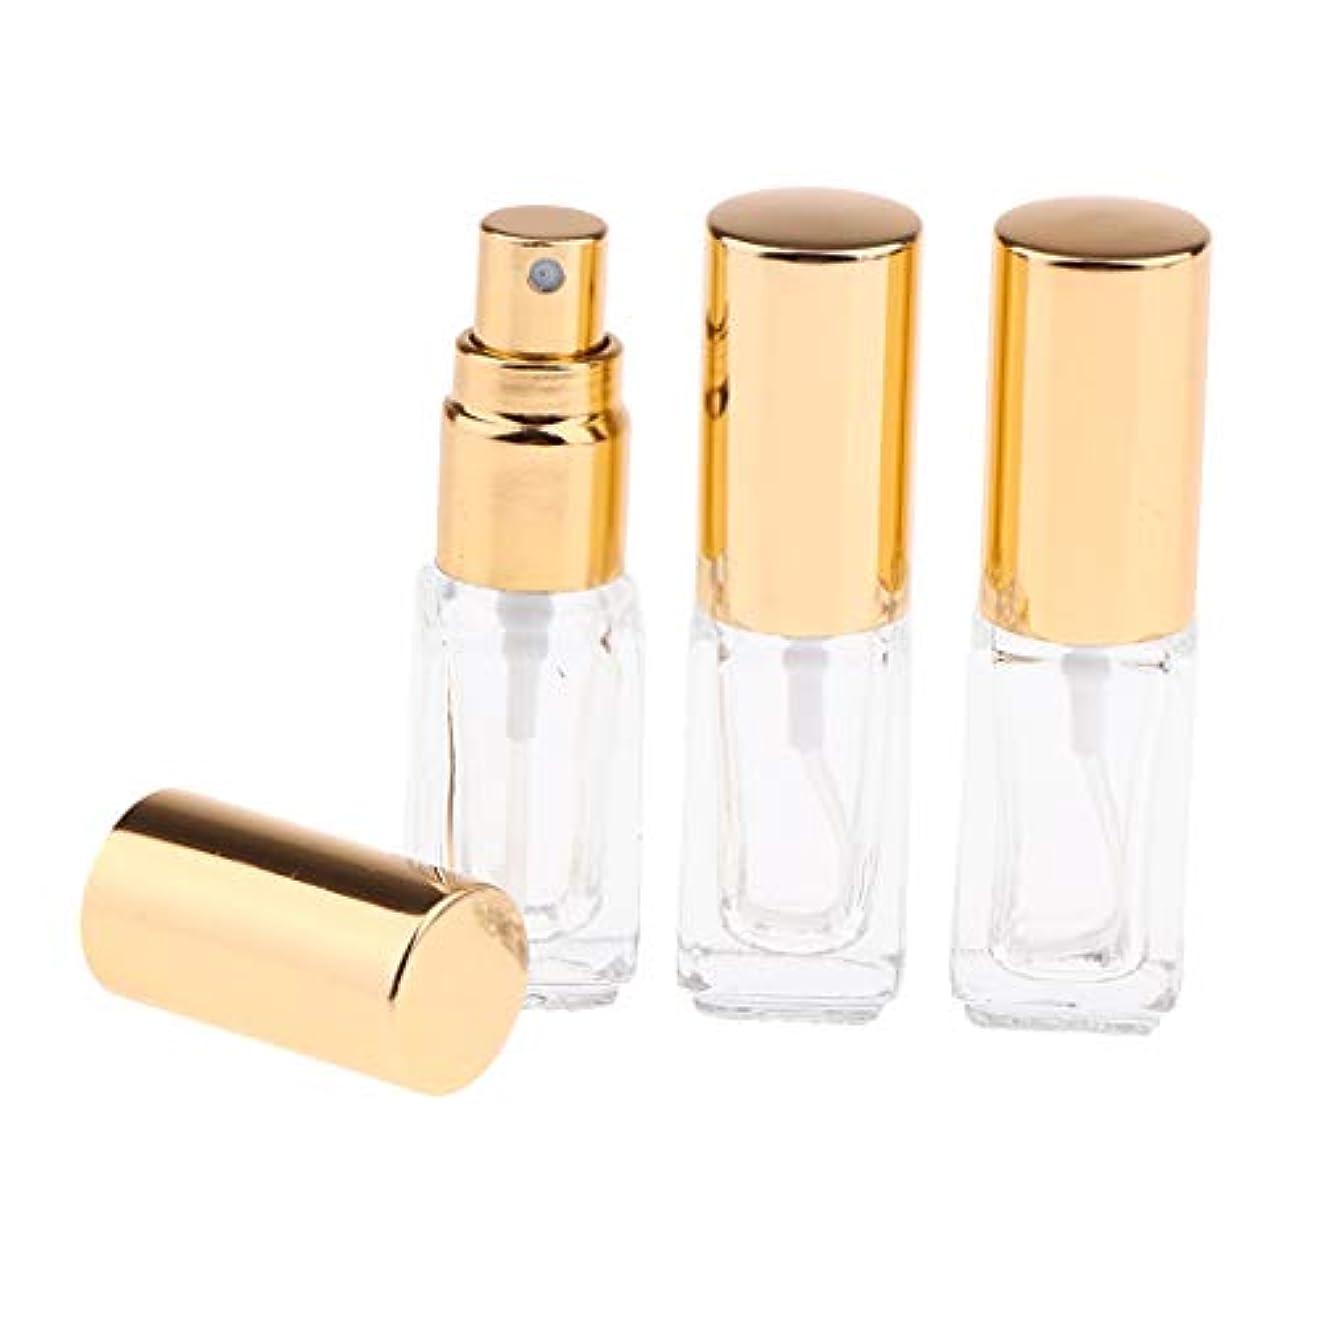 光移動収穫ガラスボトル スプレーボトル 香水アトマイザー 3ML 詰め替え容器 小型 3個セット 全3色 - ゴールドキャップ